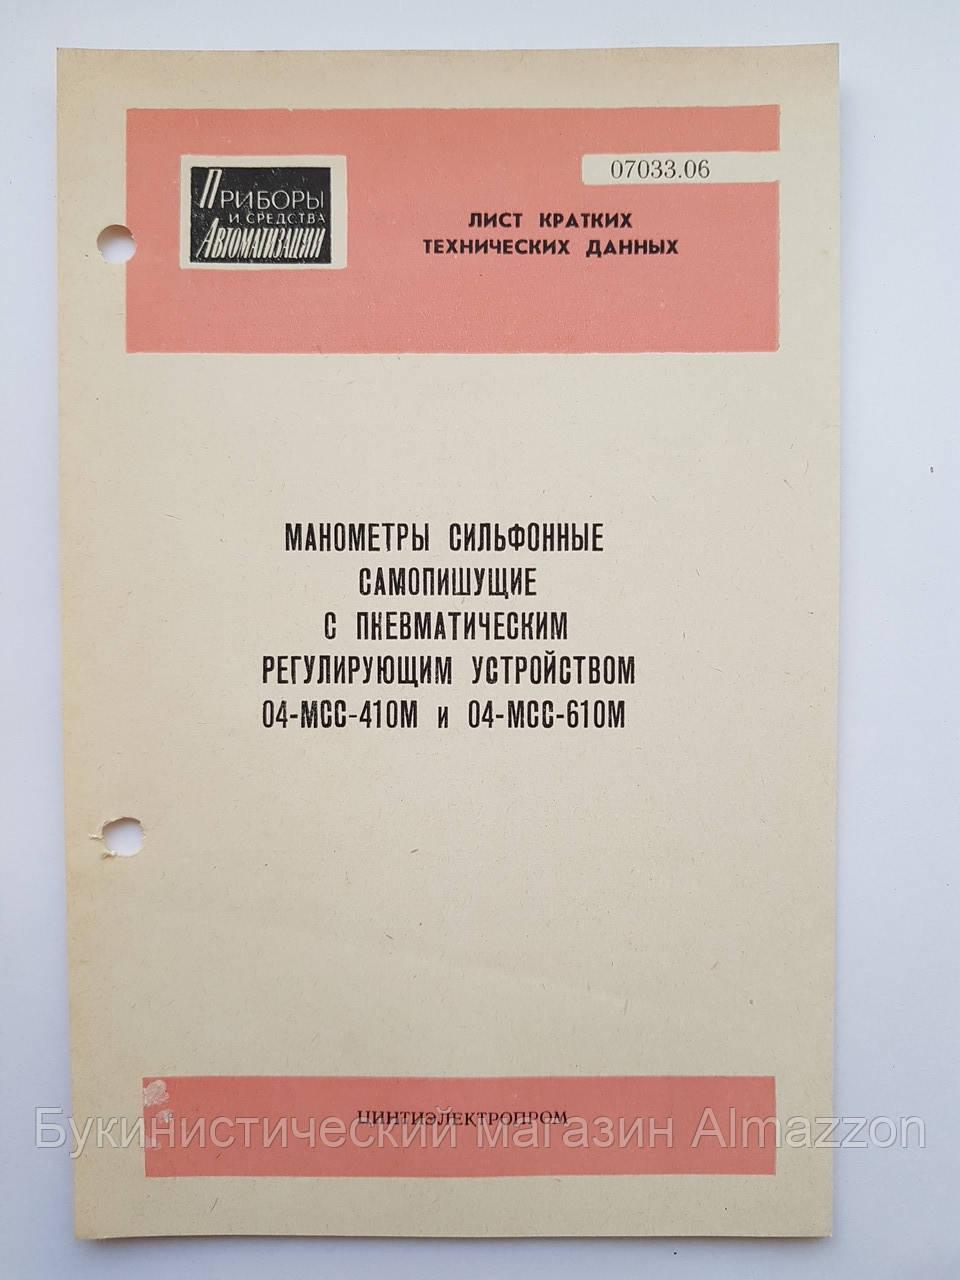 """Лист кратких технических данных """"Манометры сильфонные самопишущие 04-МСС-410М 04-МСС-610М 07033.06"""""""